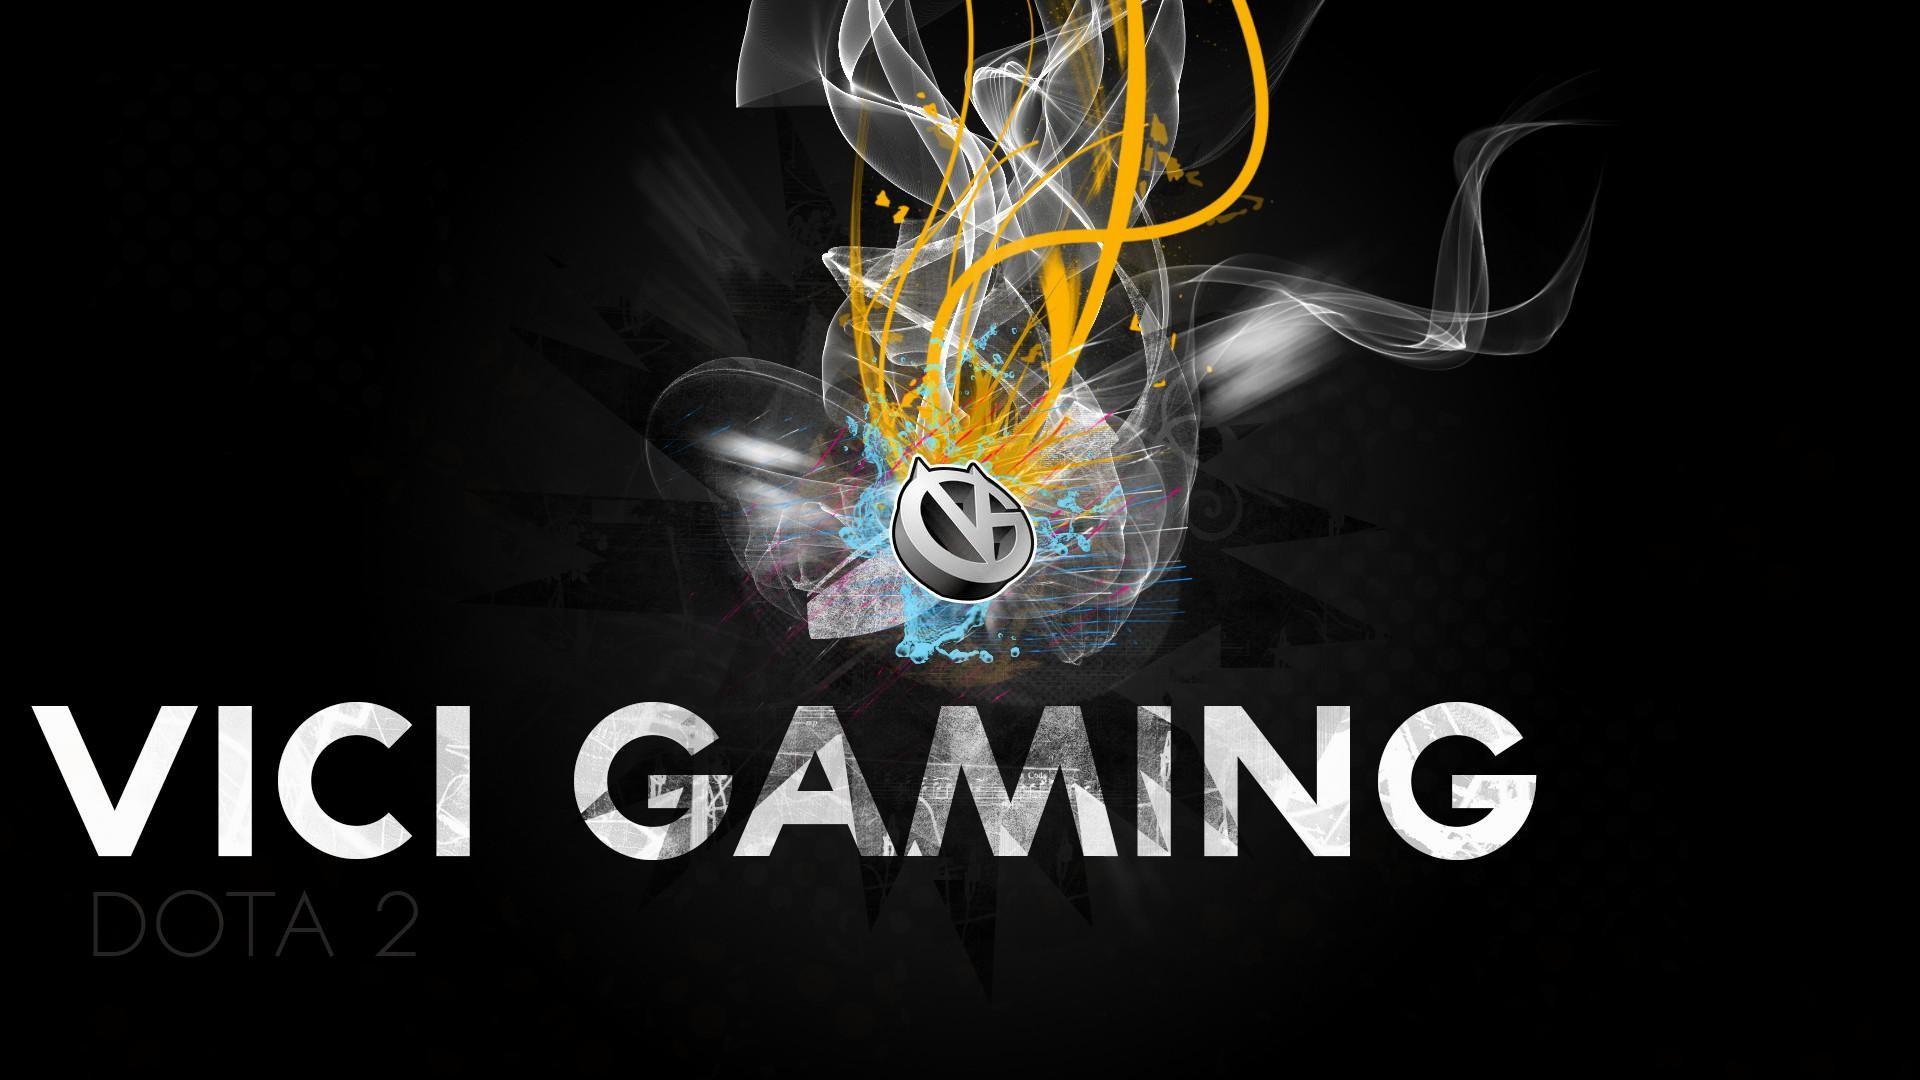 Gaming-Logo-Wallpapers-Images-Desktop